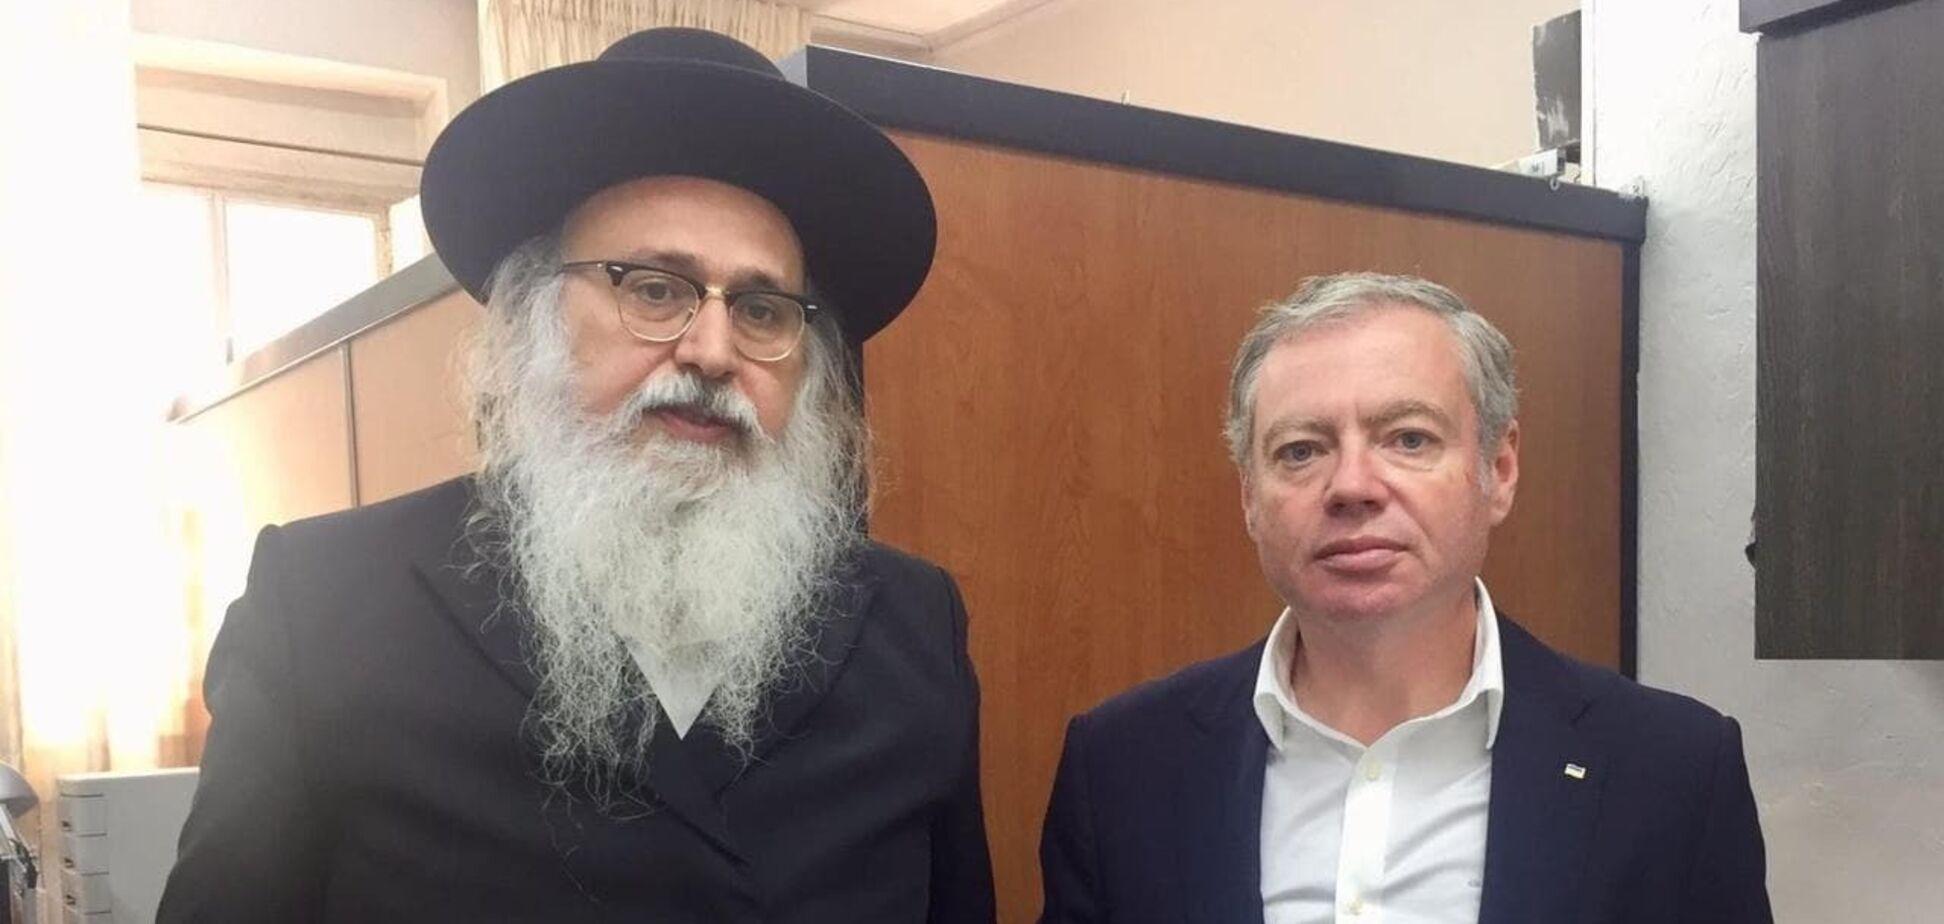 Встреча посла Украины в Израиле Евгения Корнийчука с президентом МБФ им. Раби Нахмана Натаном Бен-Нуном